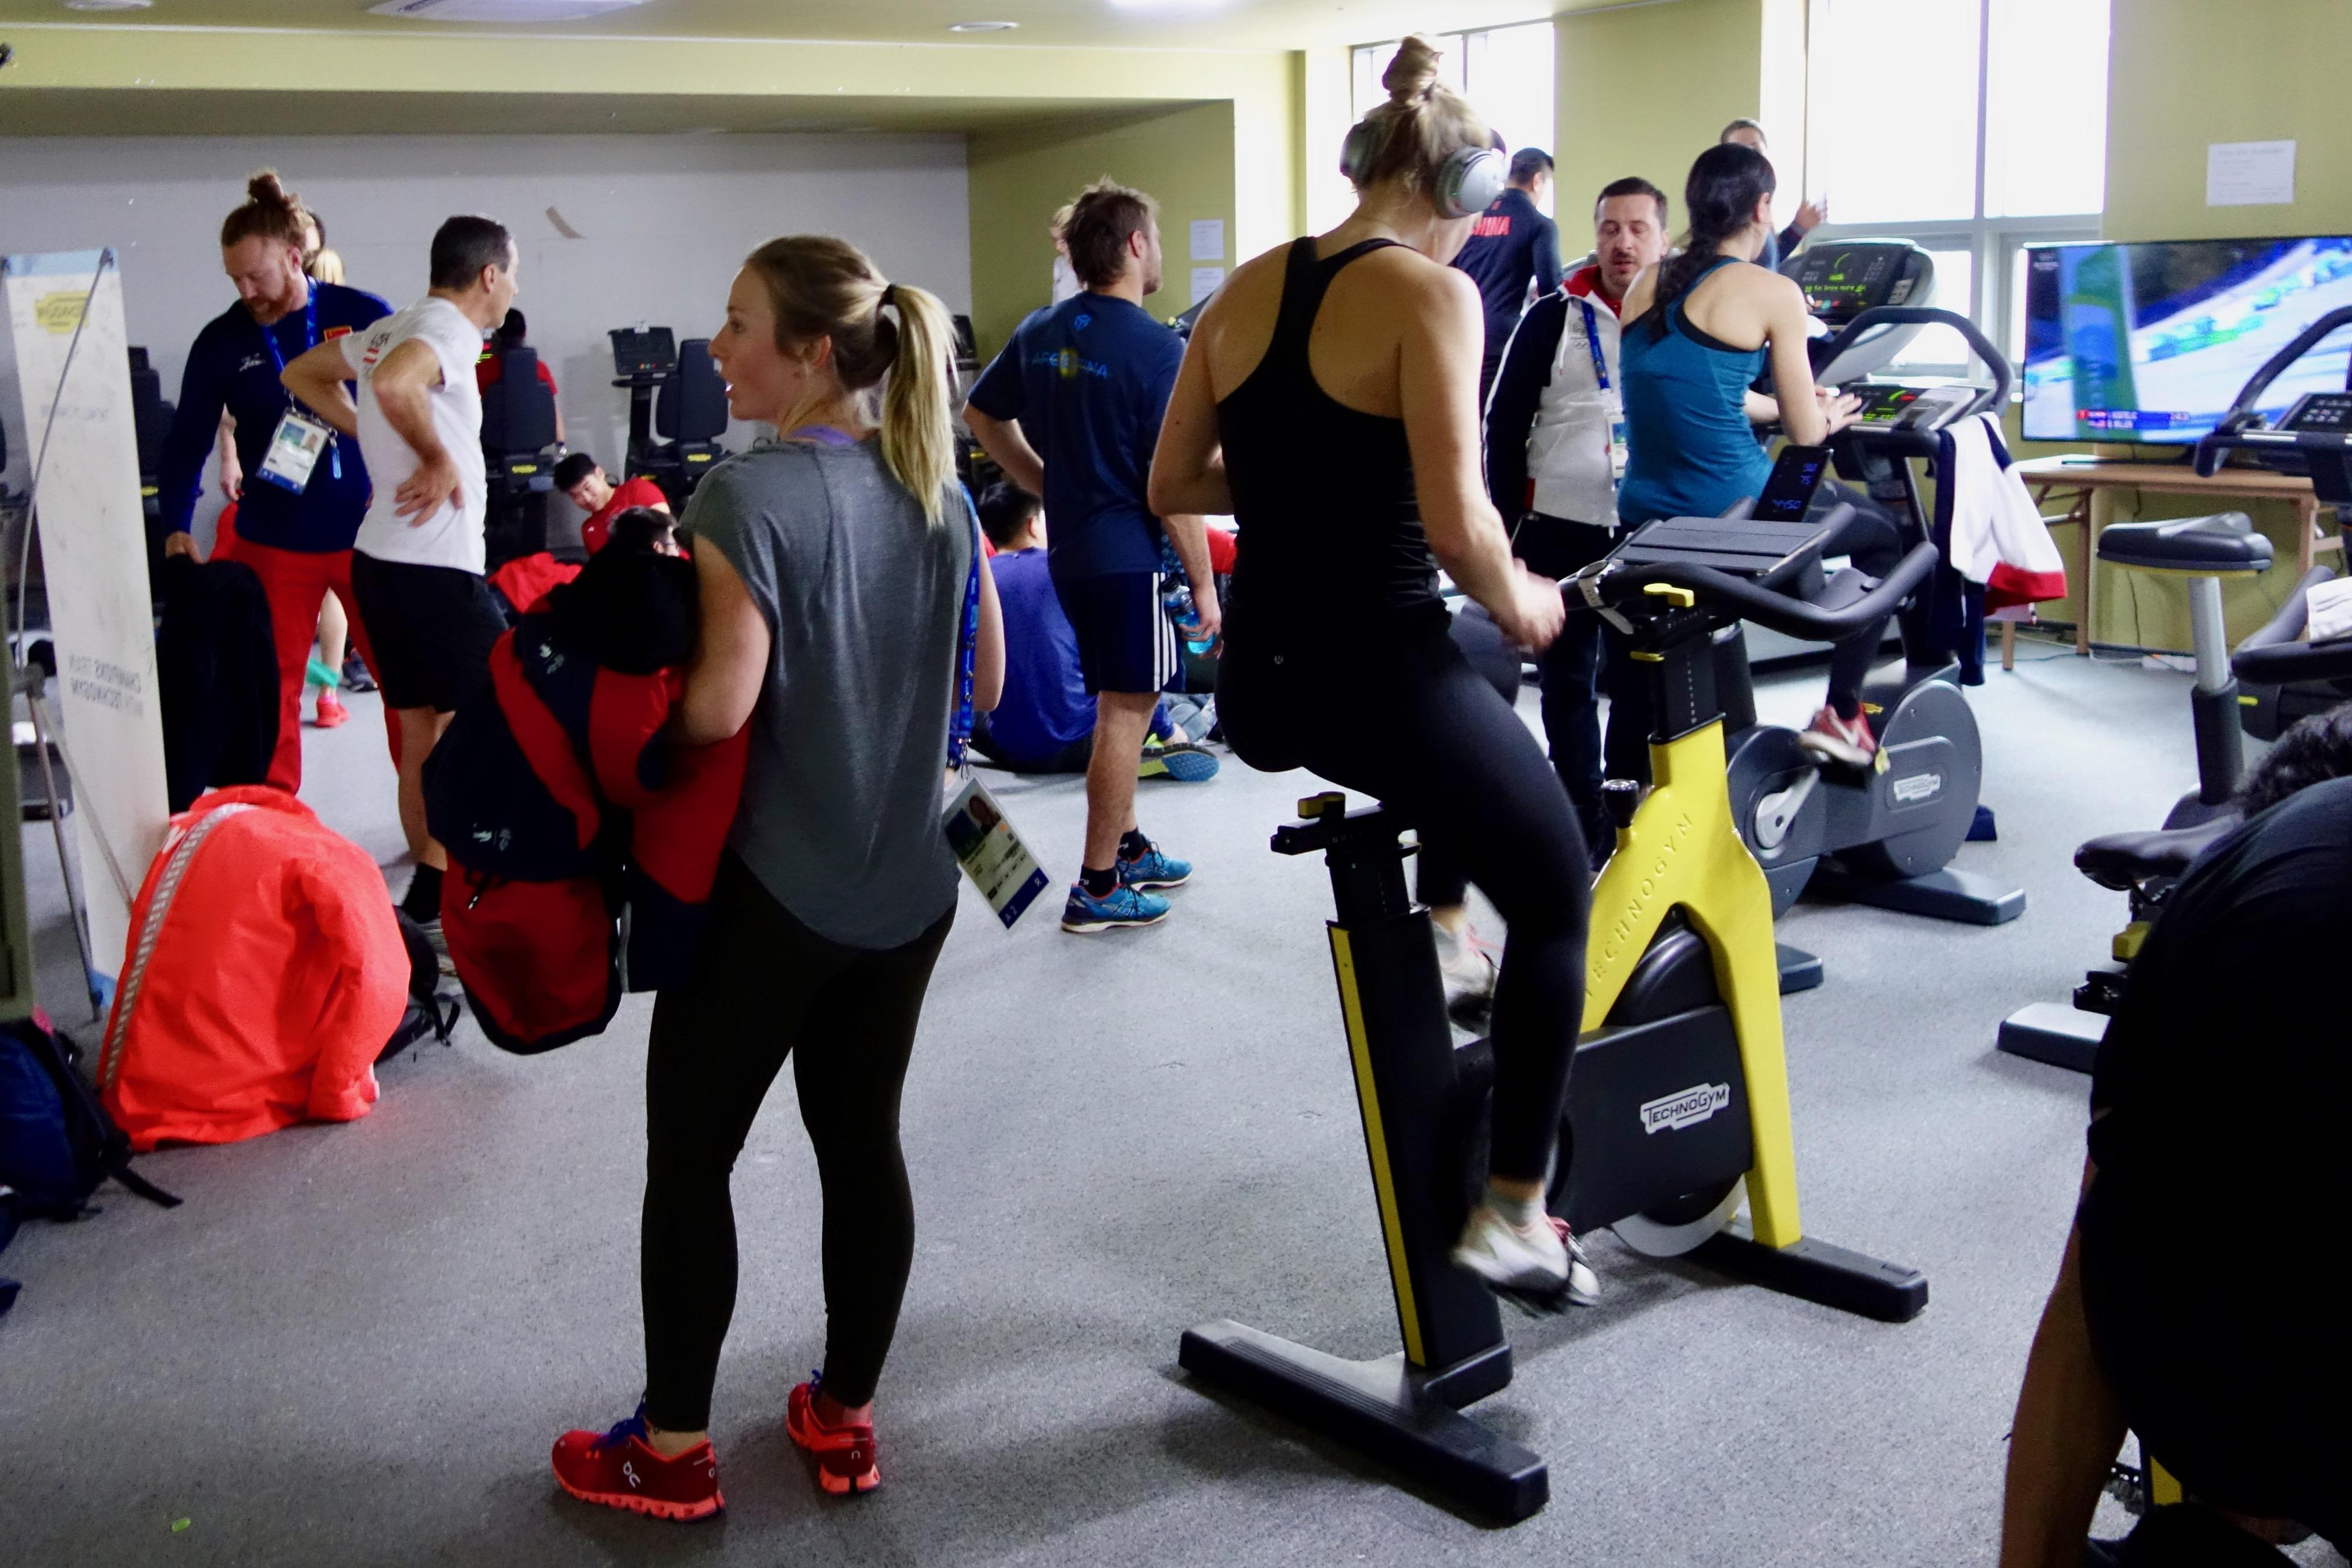 Tessa Worley et Cie en salle de fitness.